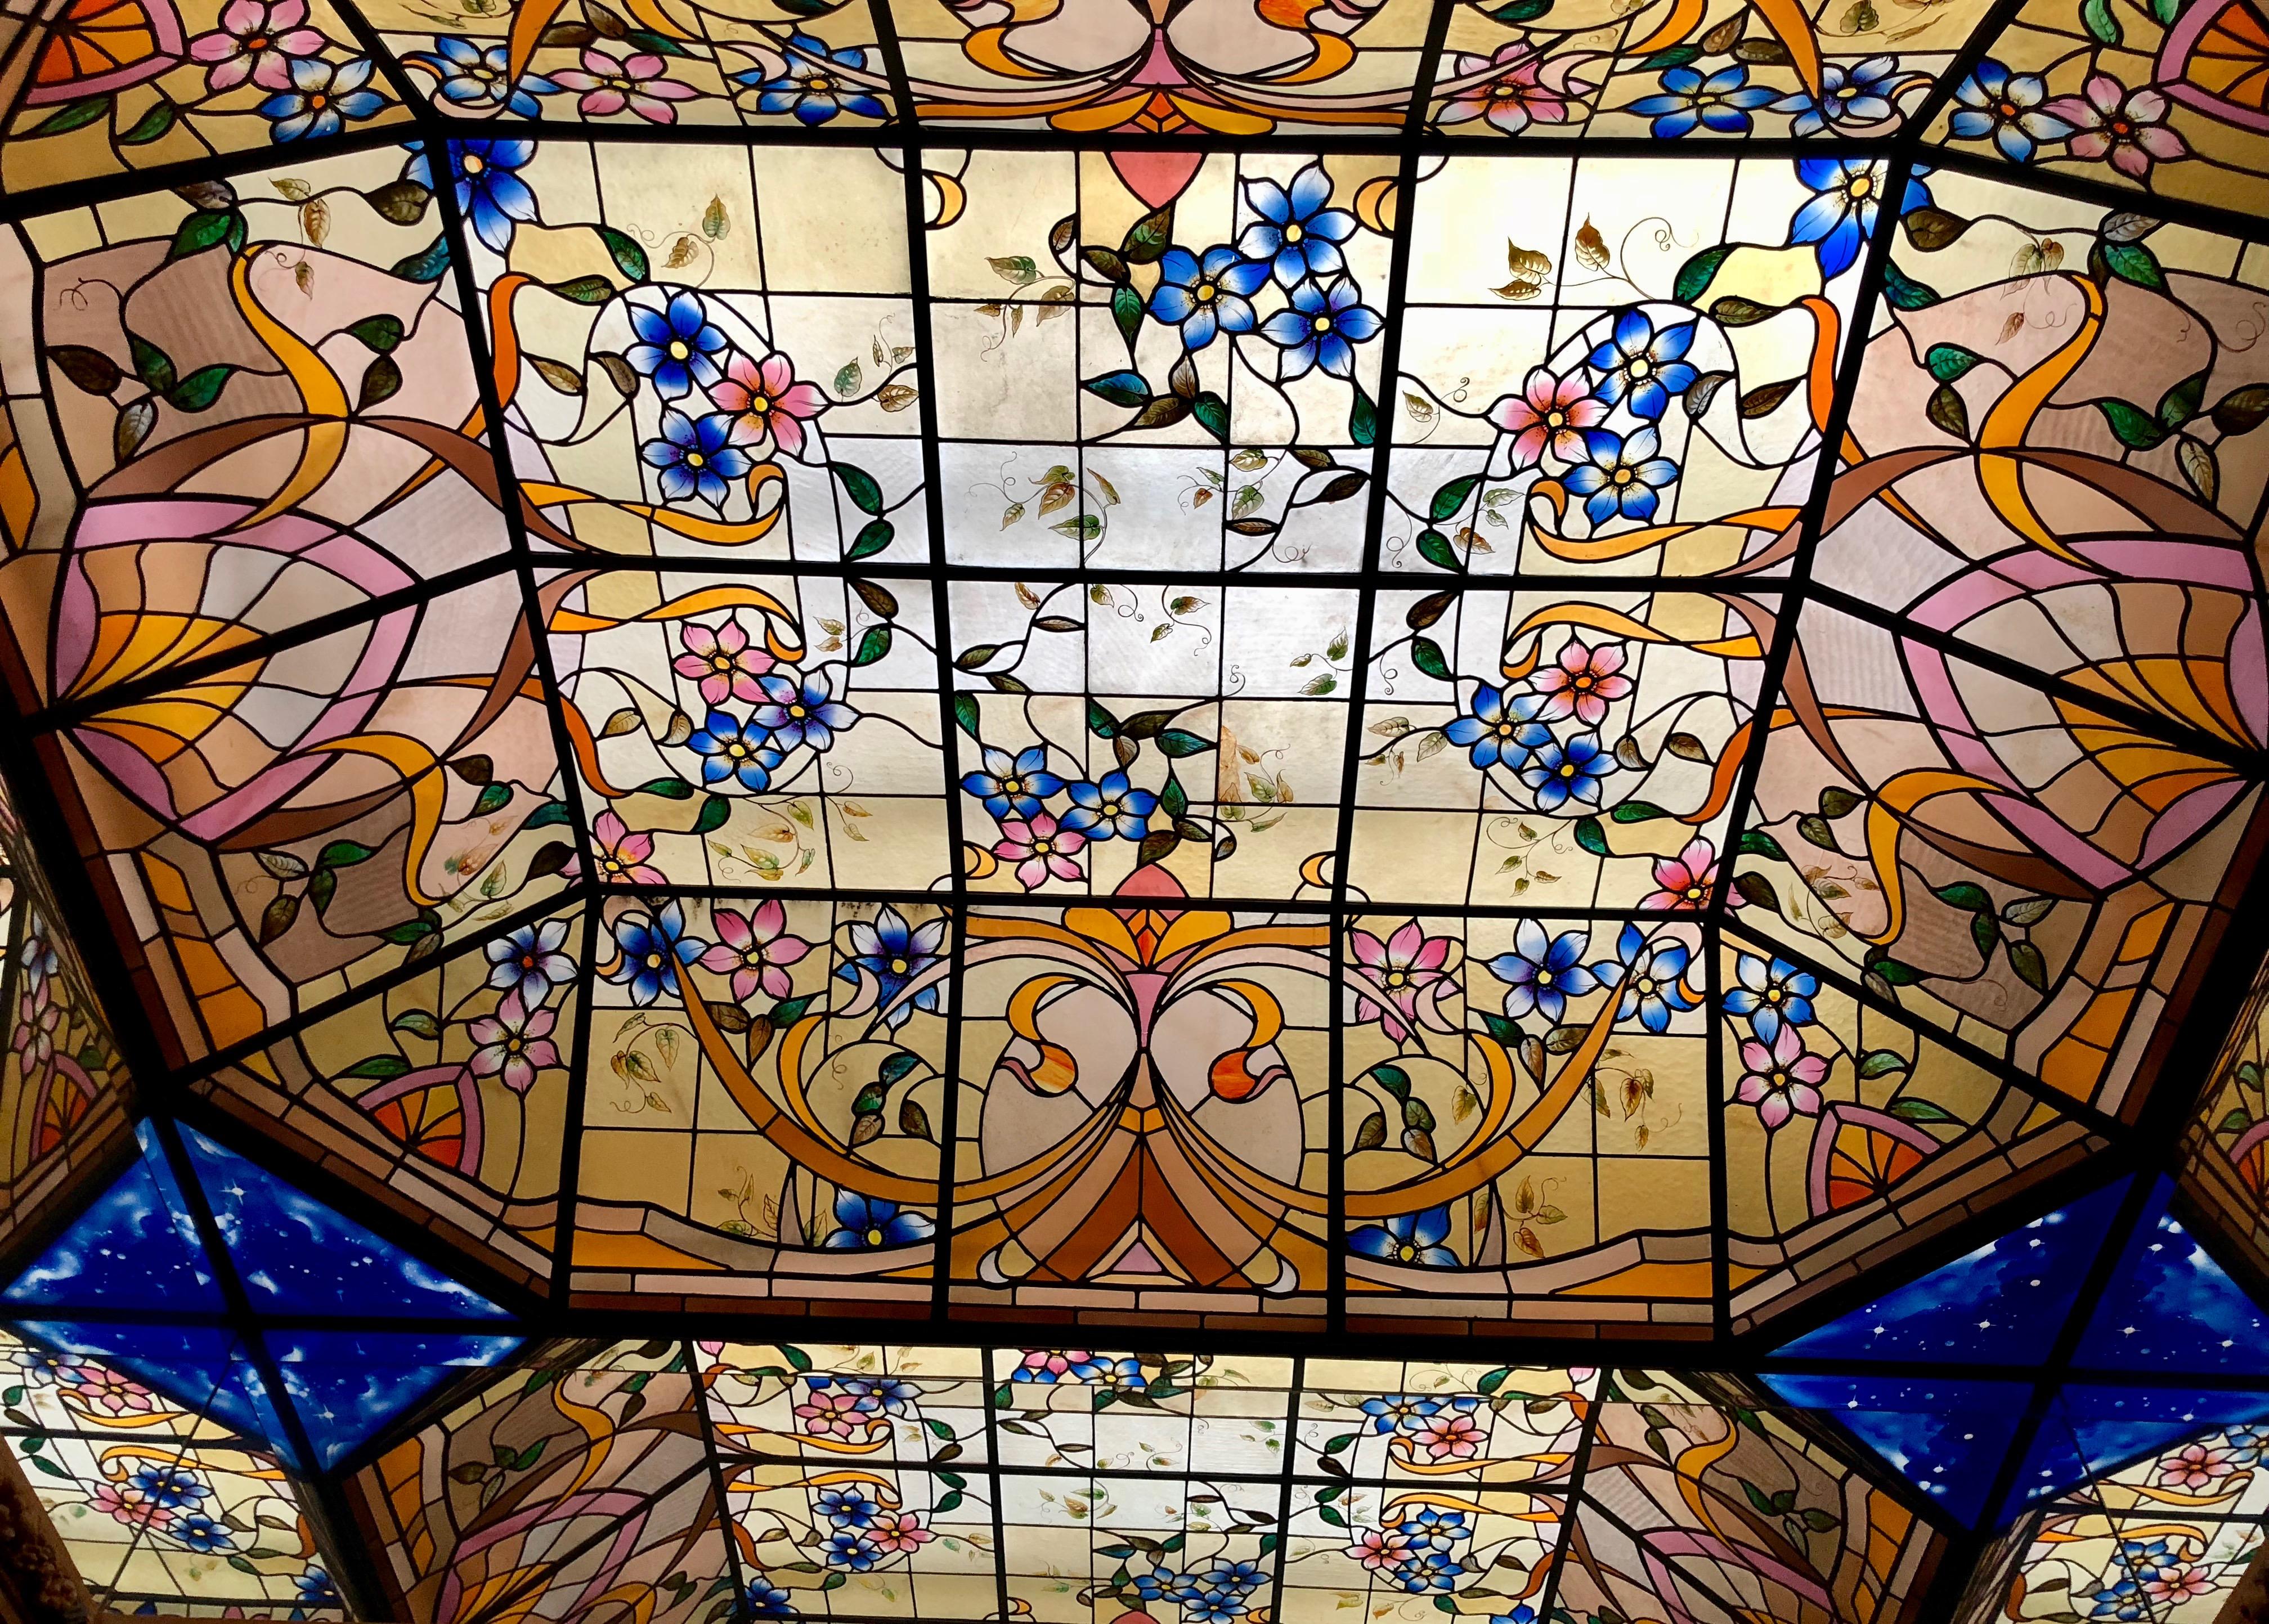 Esprit Art Deco Com vitrail esprit art nouveau grand café de l'univers saint